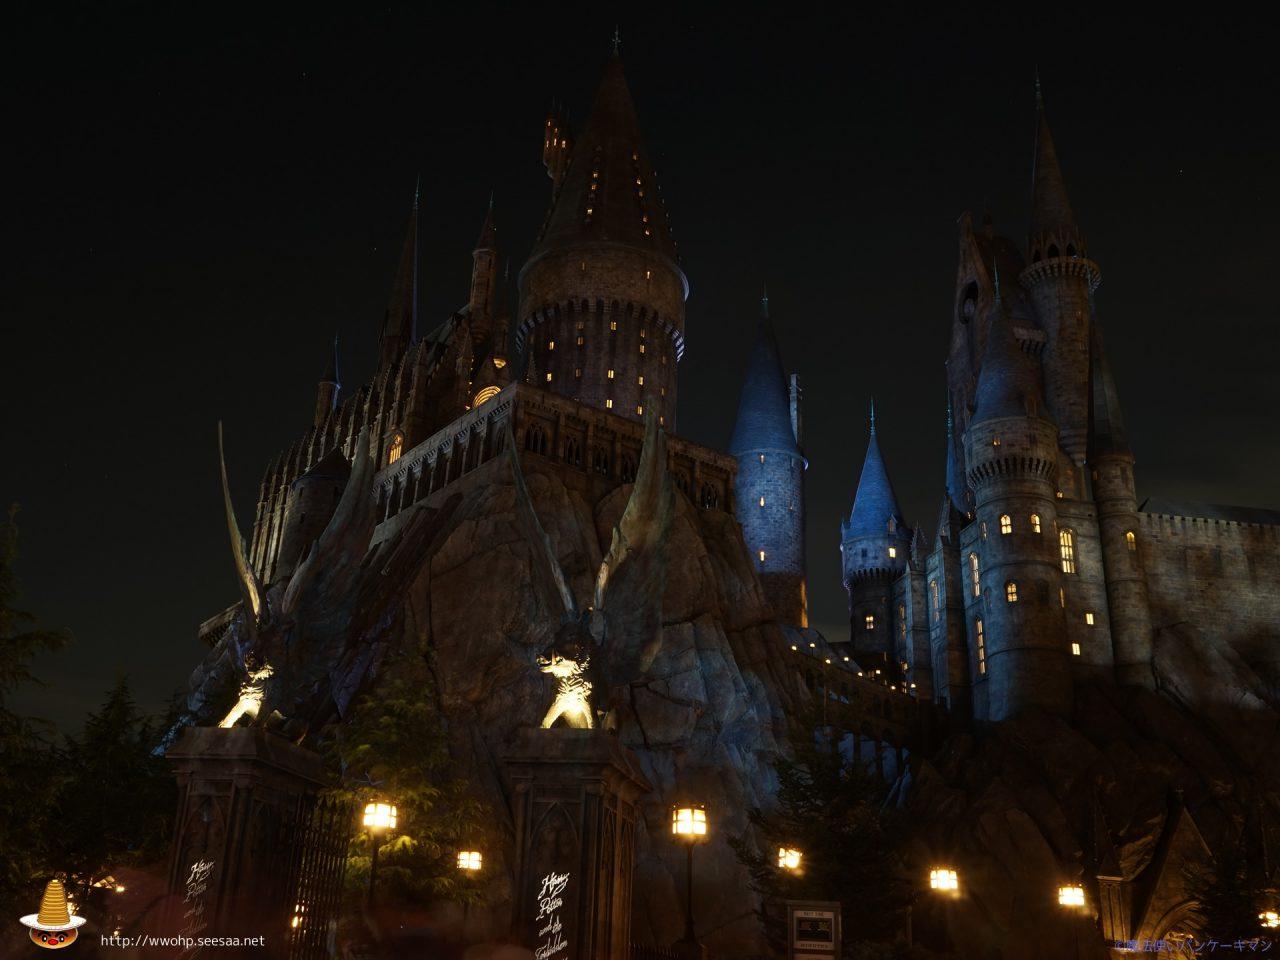 夜のホグワーツ城Hogwarts at WWOHP in USJ